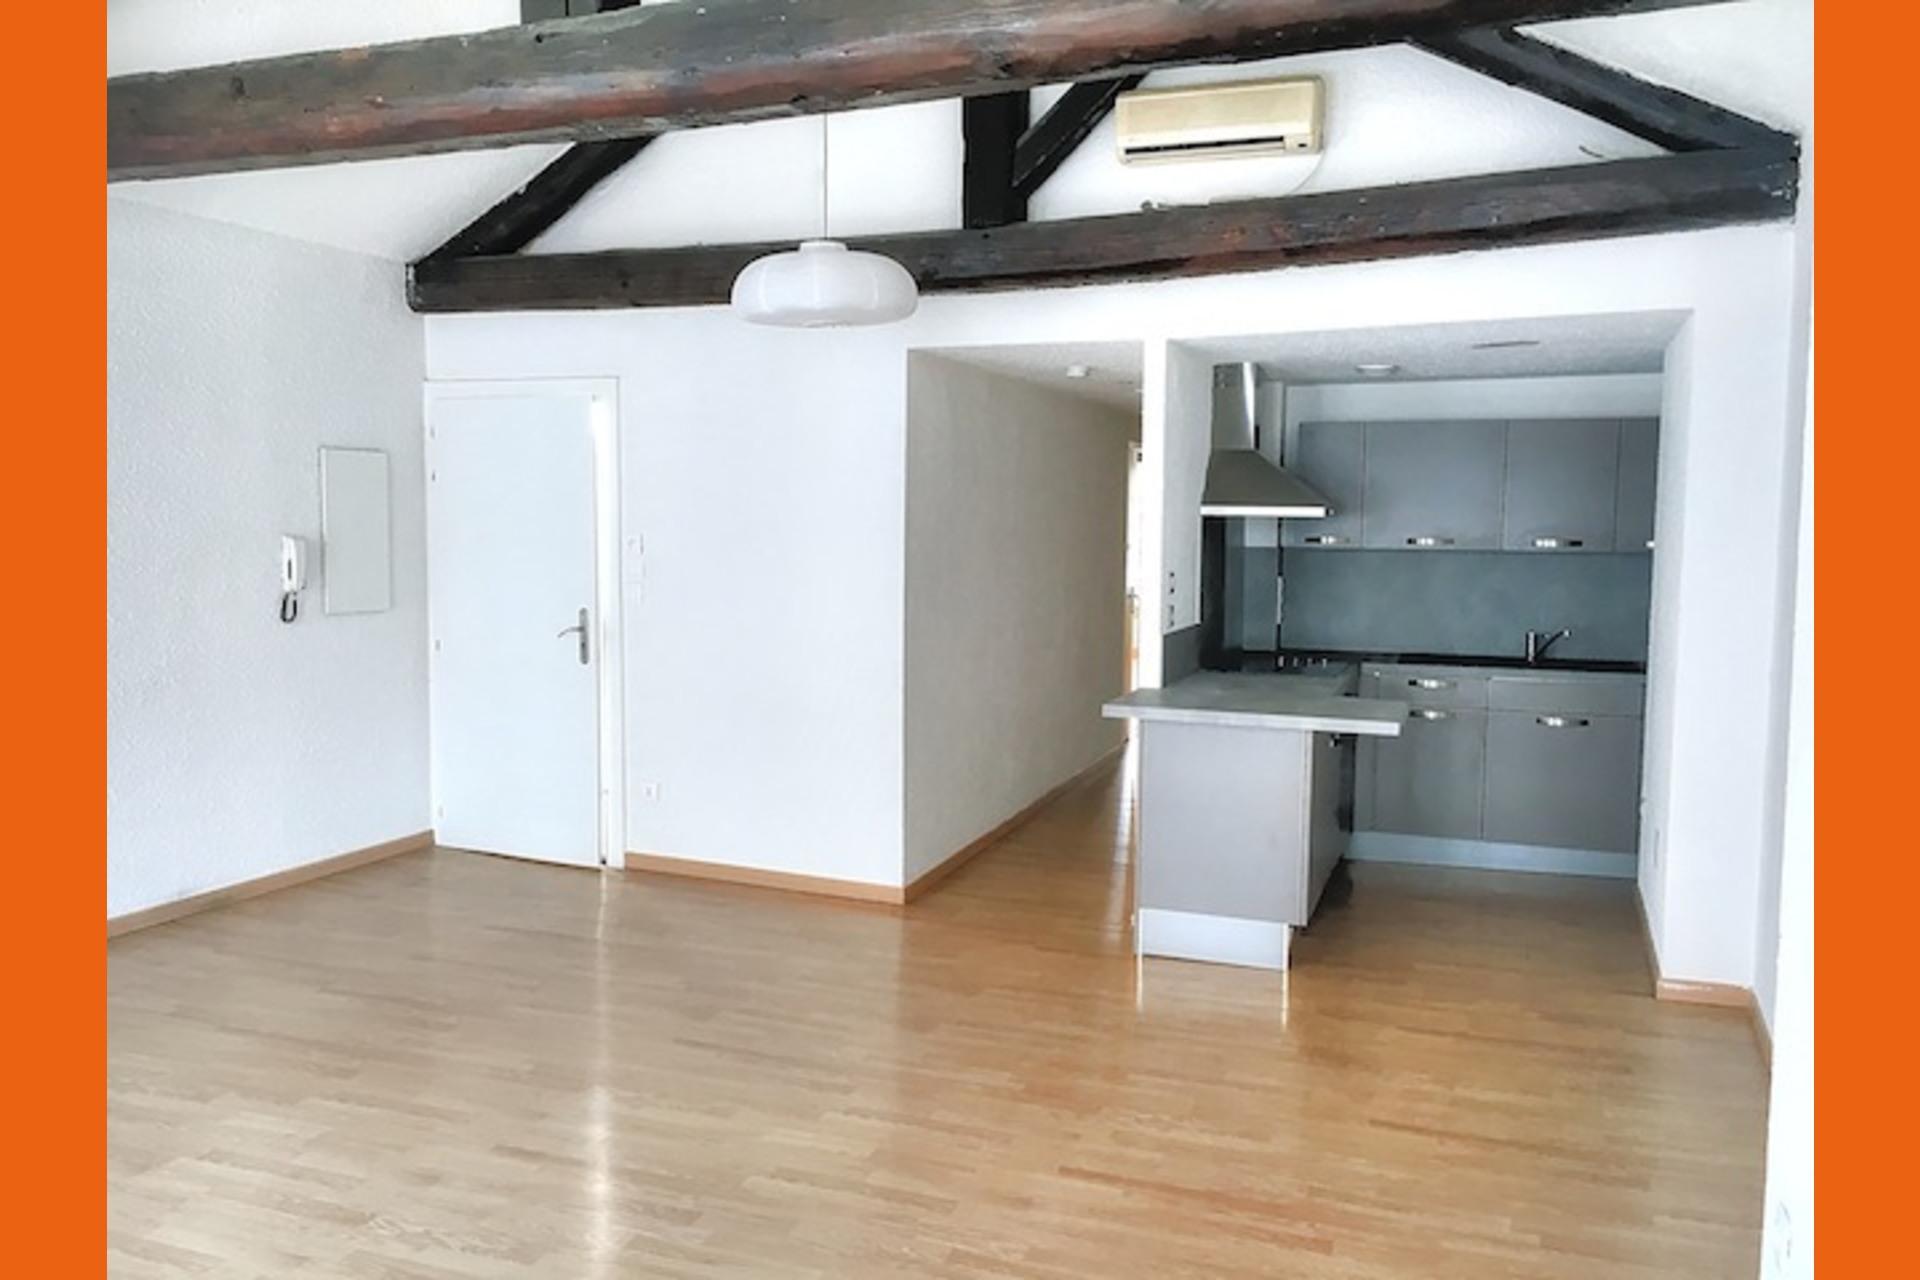 image 0 - Appartement À louer Metz - 3 pièces